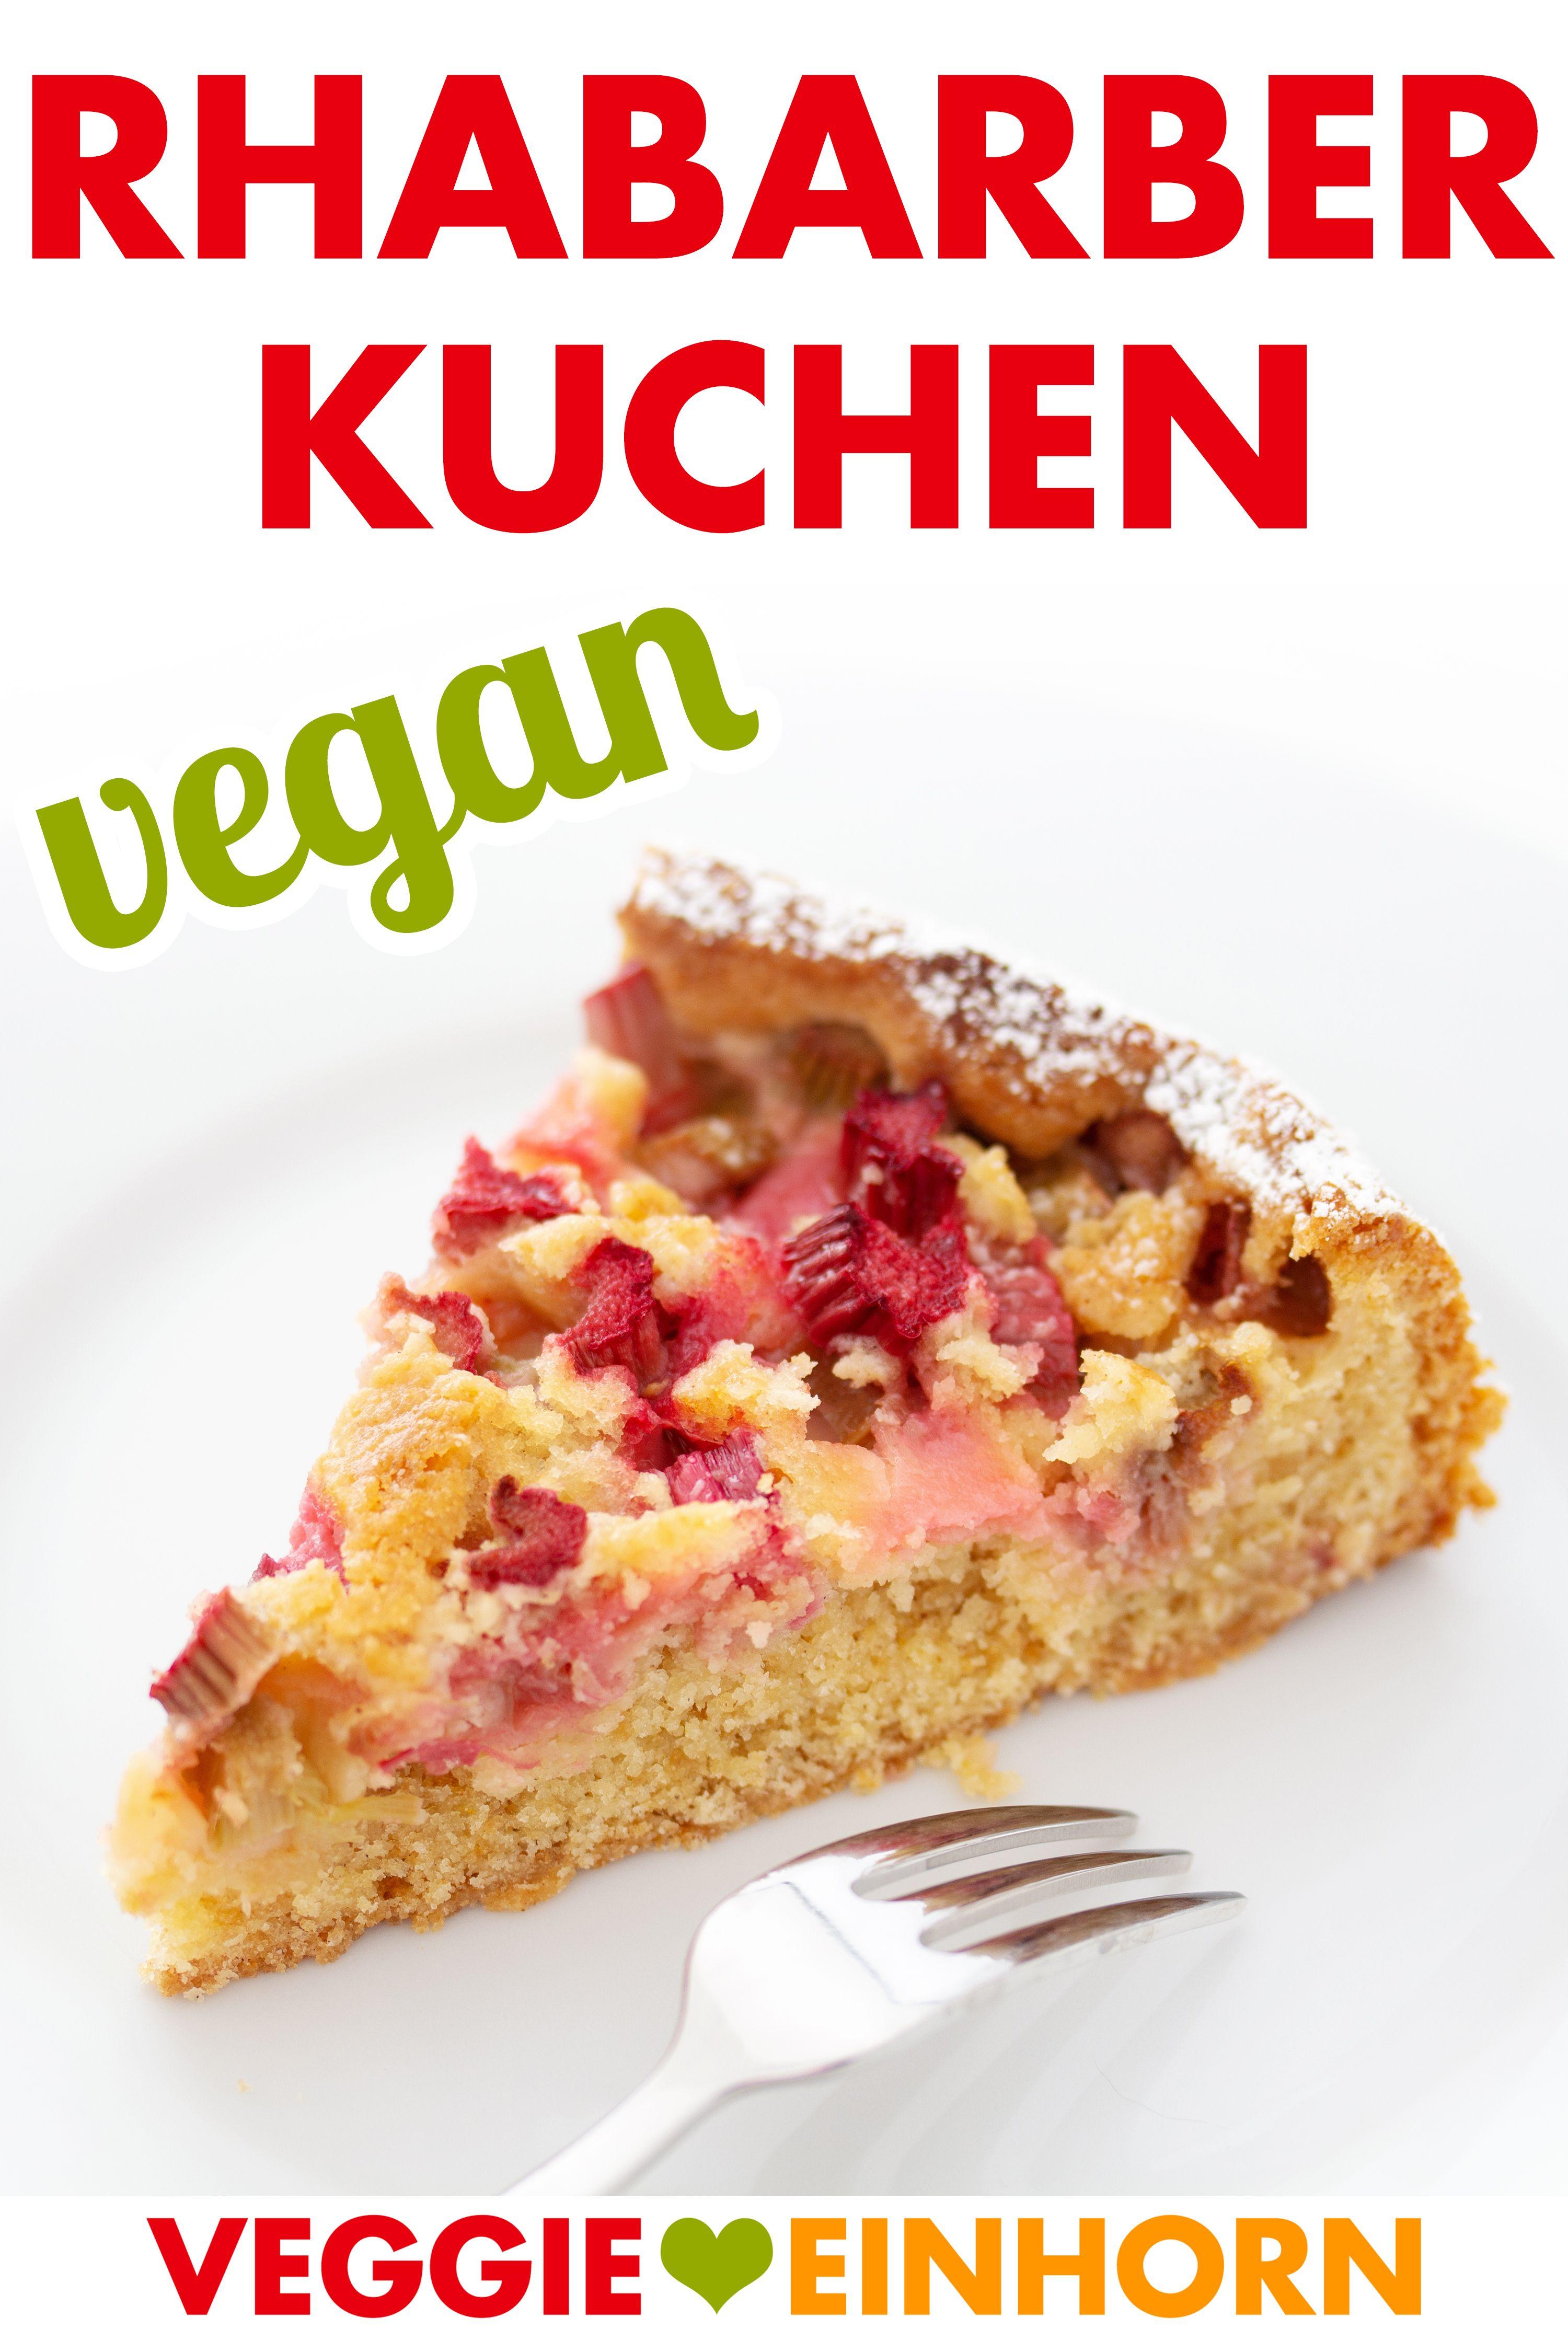 Veganer Rhabarberkuchen Leckeren veganen Kuchen backen